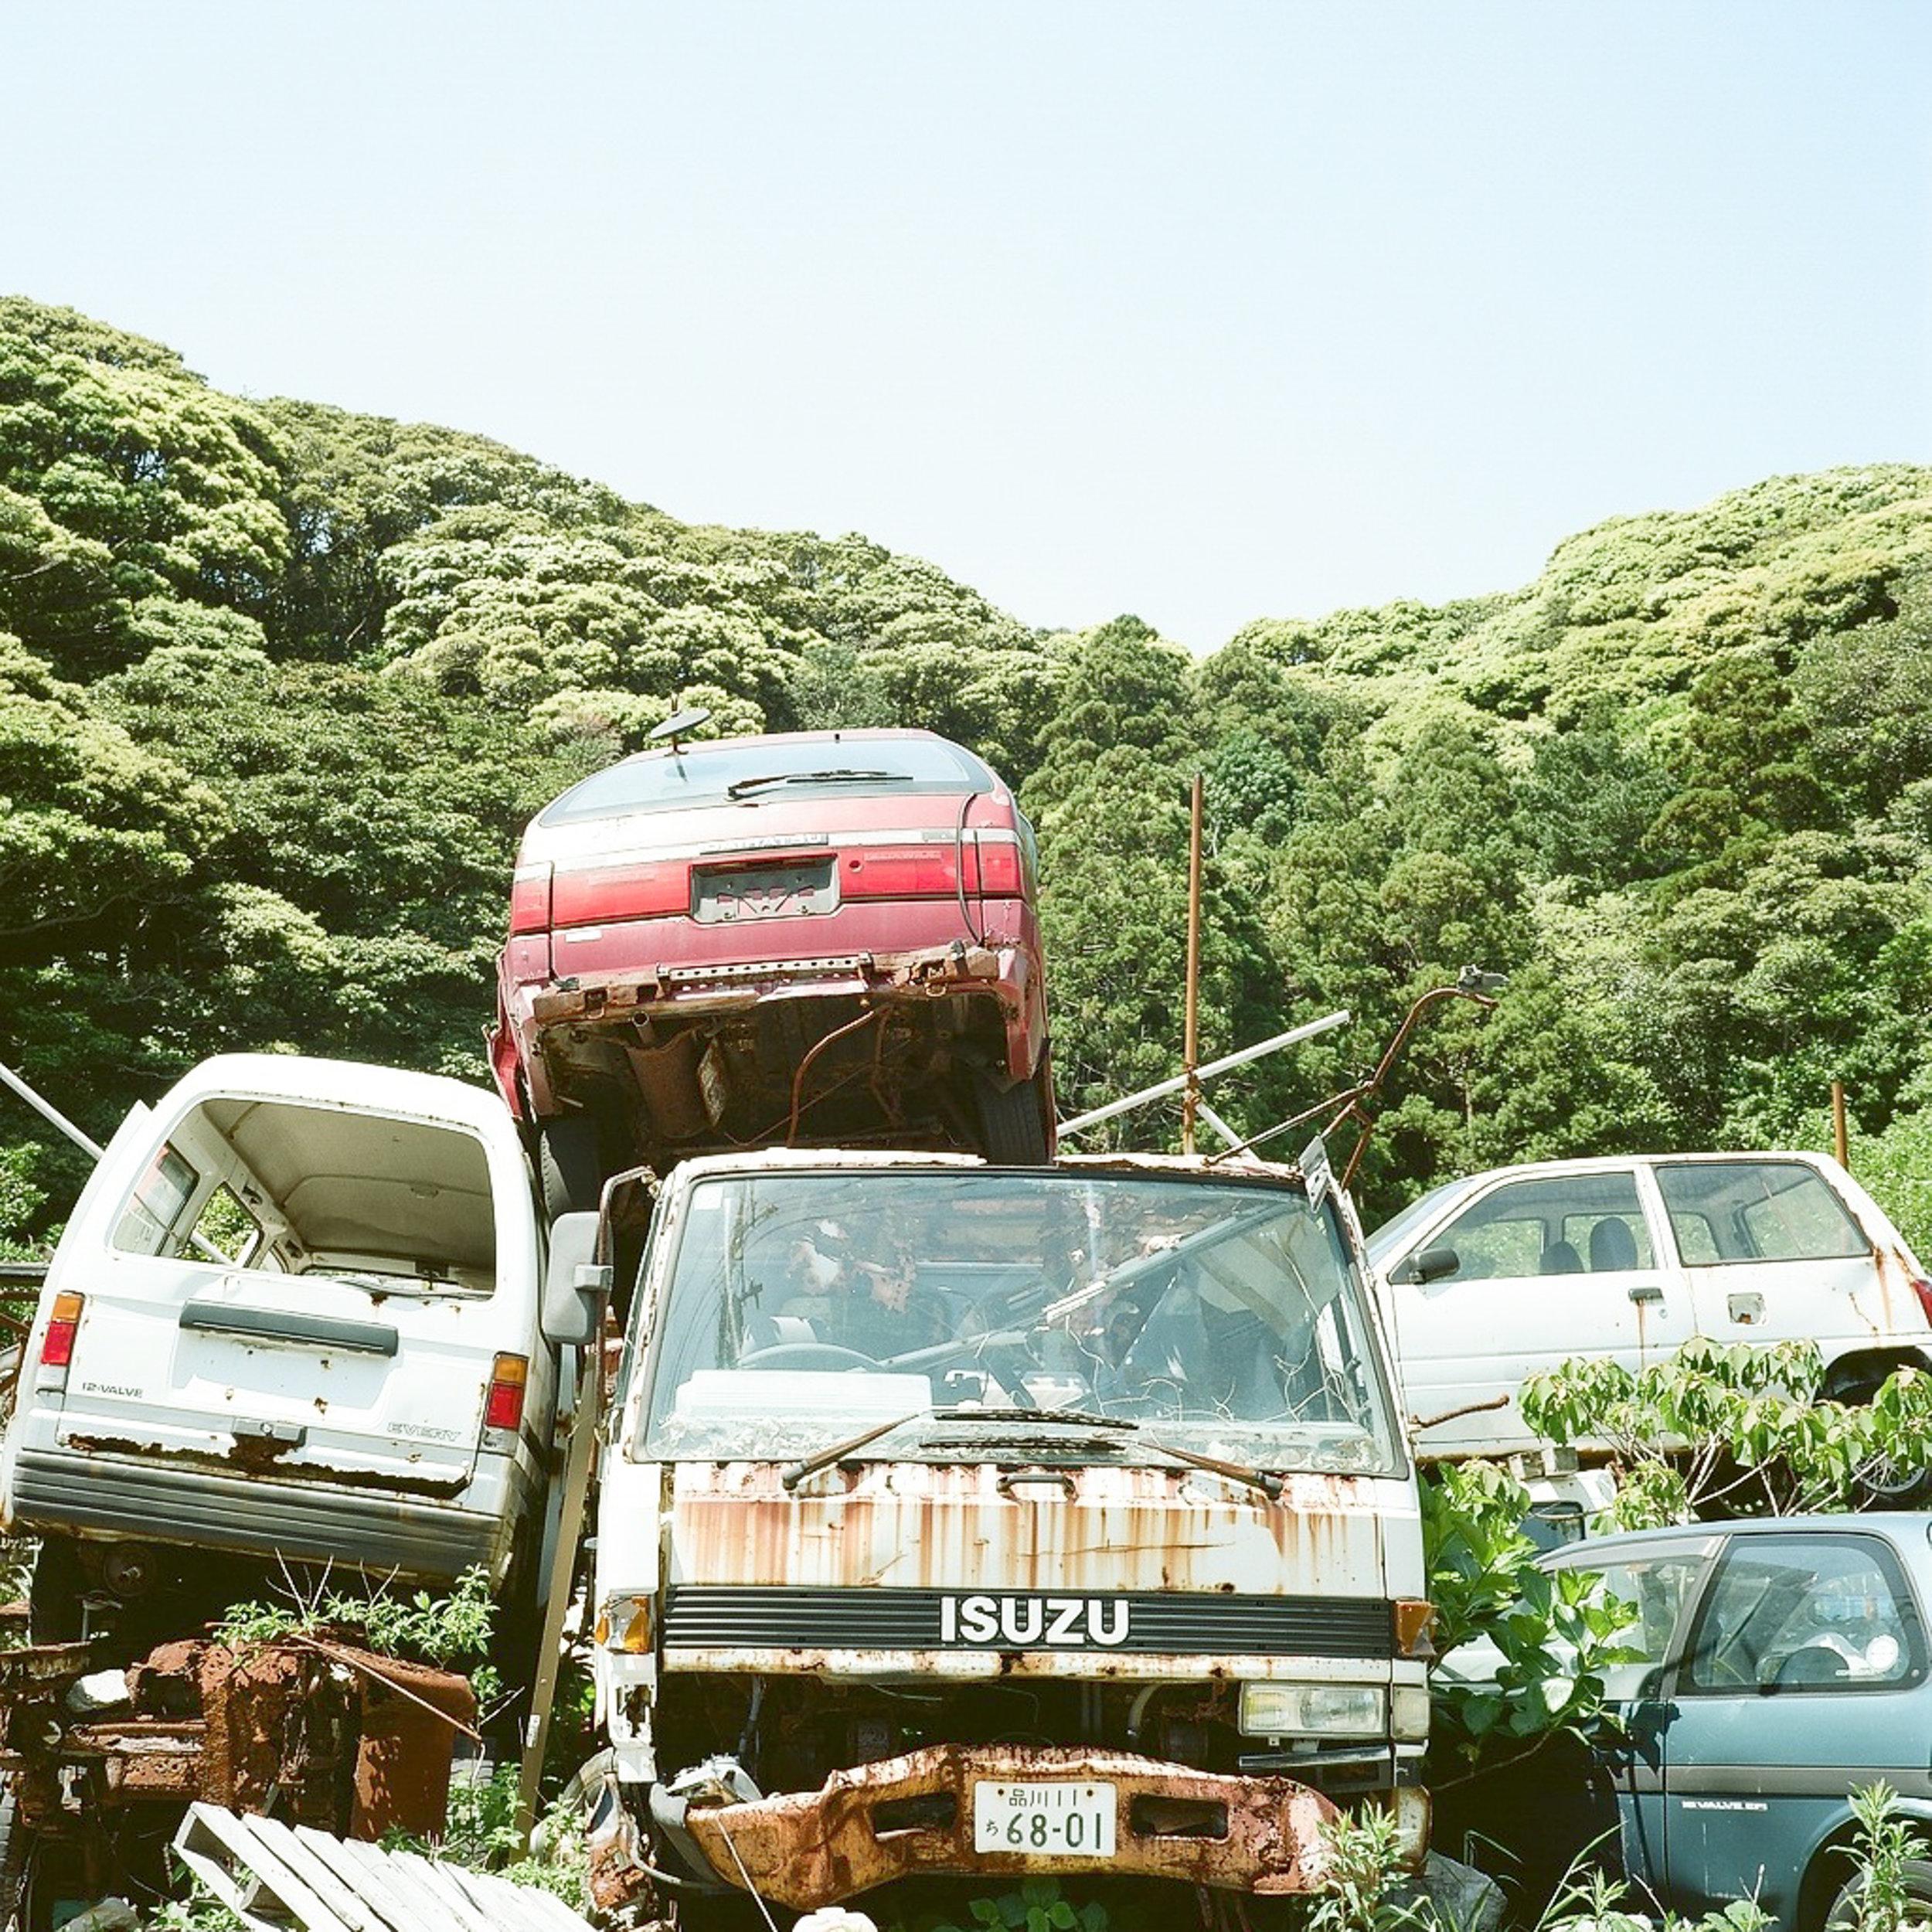 kozushima_22.jpg